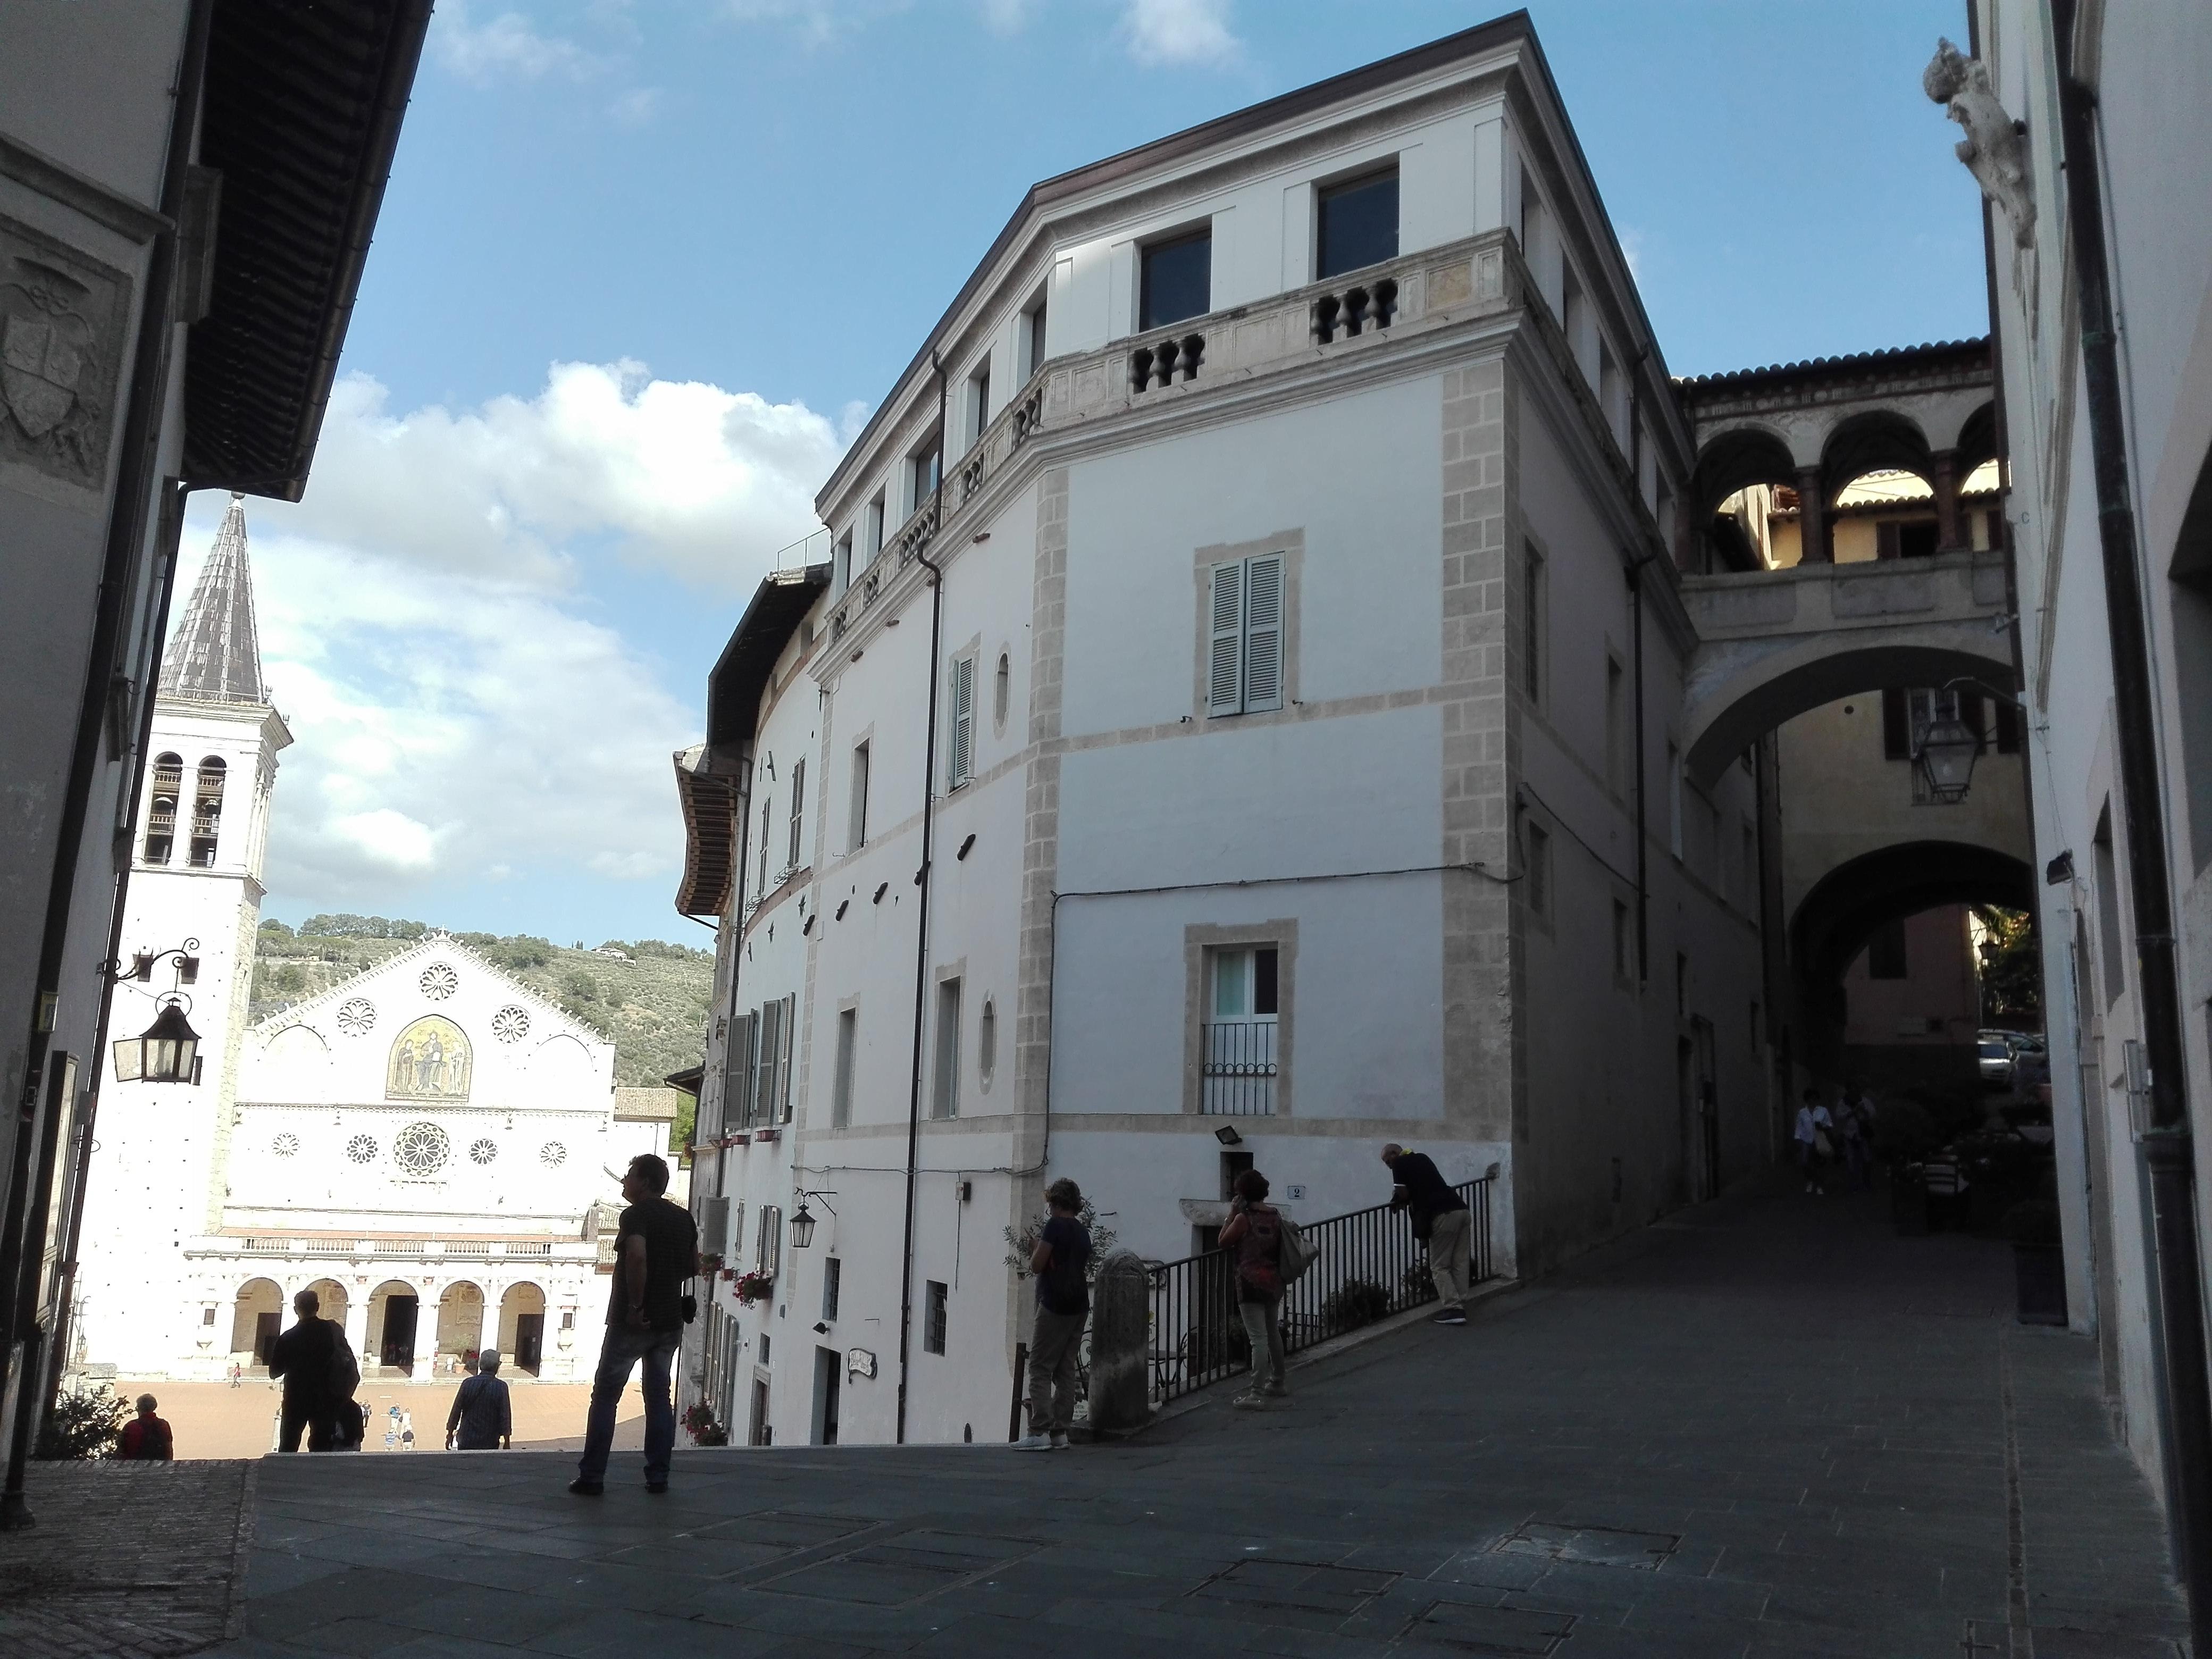 SPOLETO, centro storico